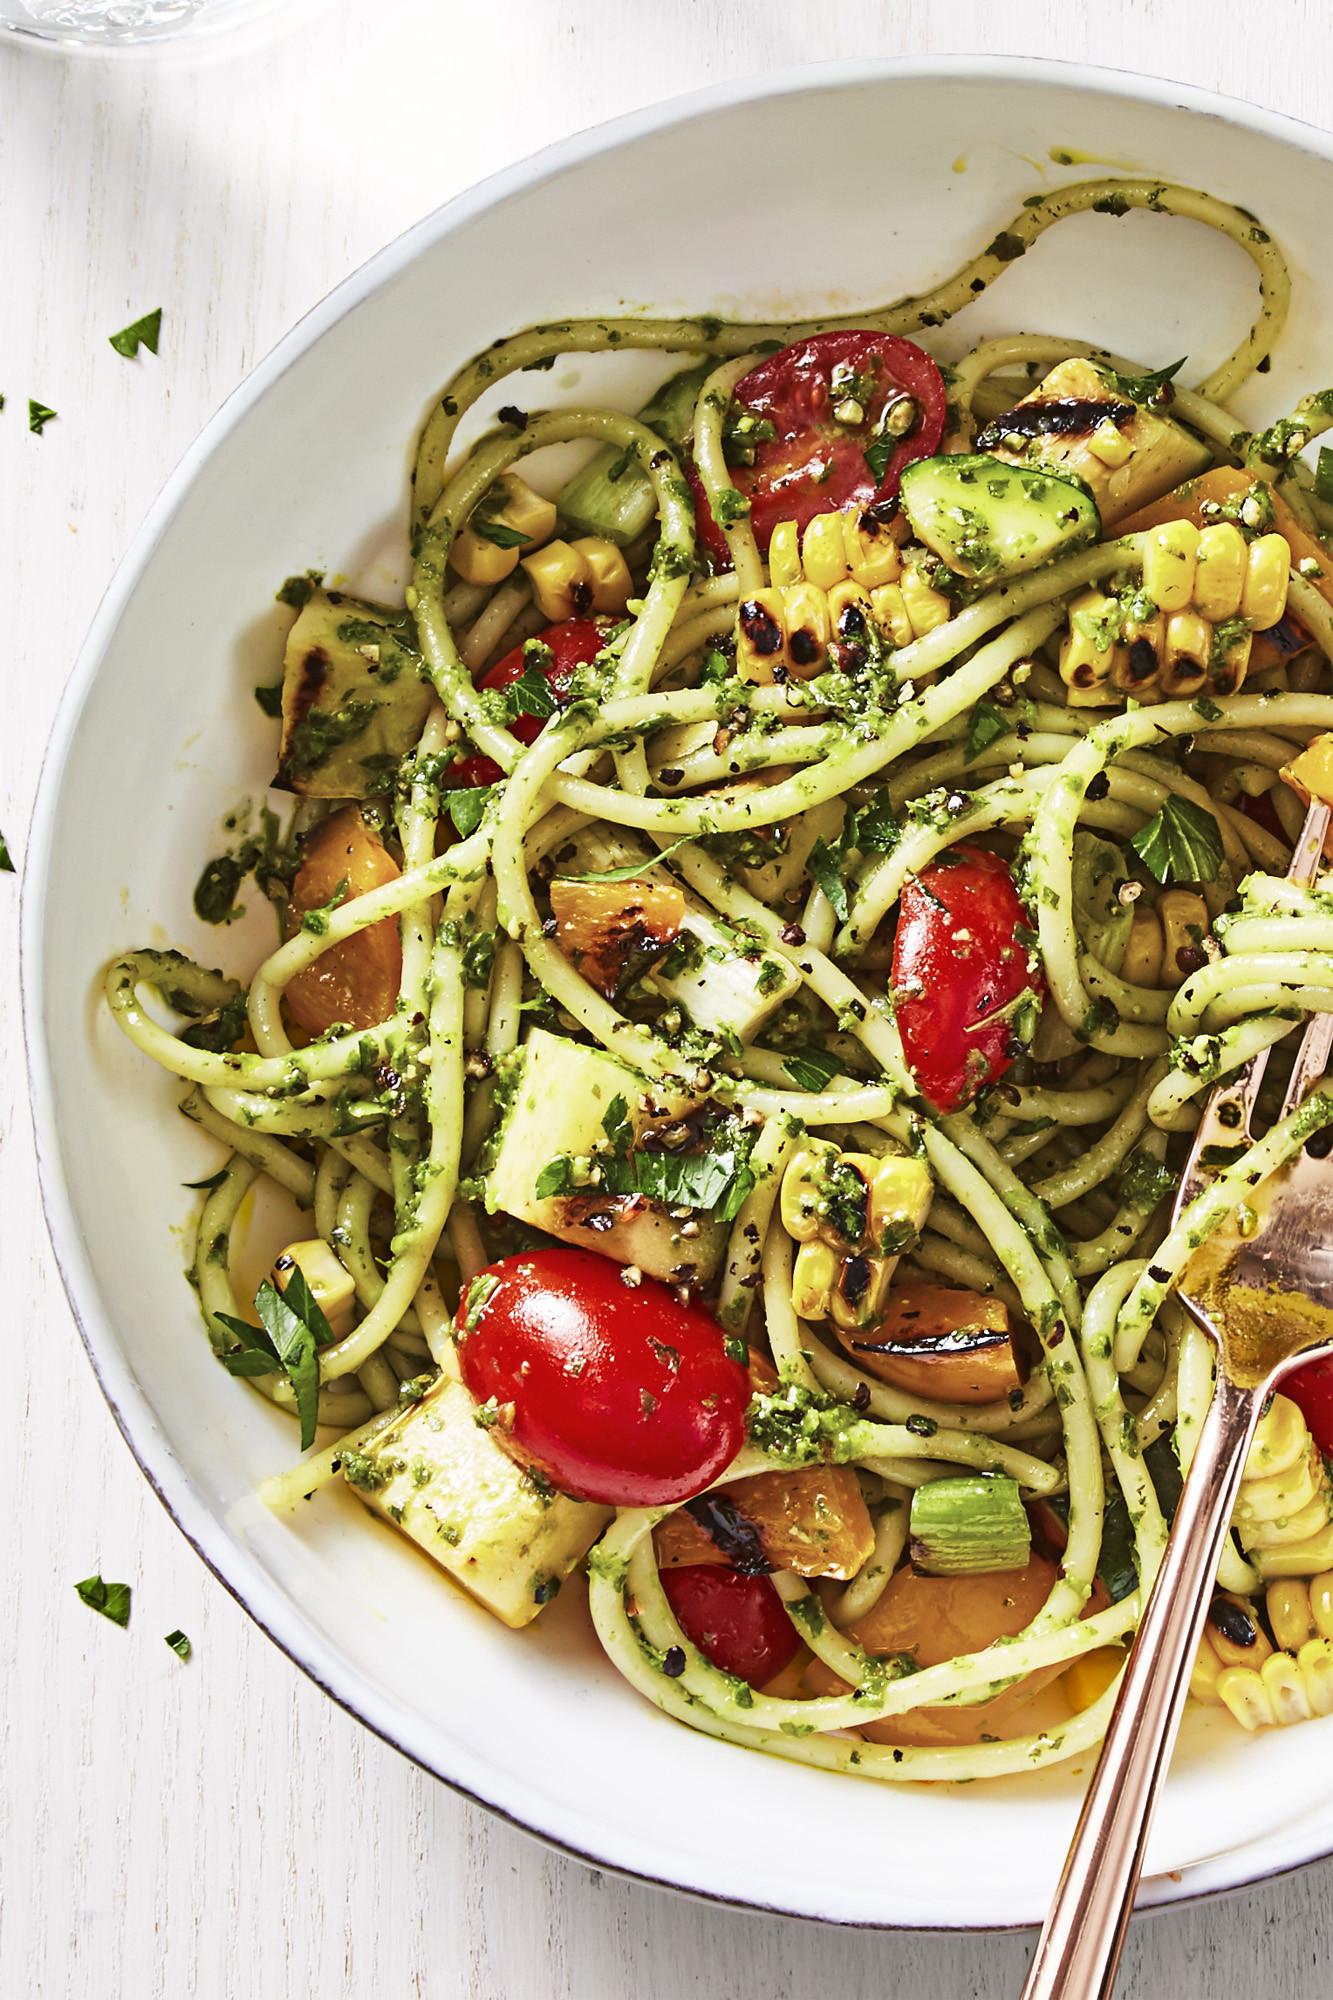 Easy Vegan Summer Recipes  Best Summer Pesto Pasta Recipe How to Make Summer Pesto